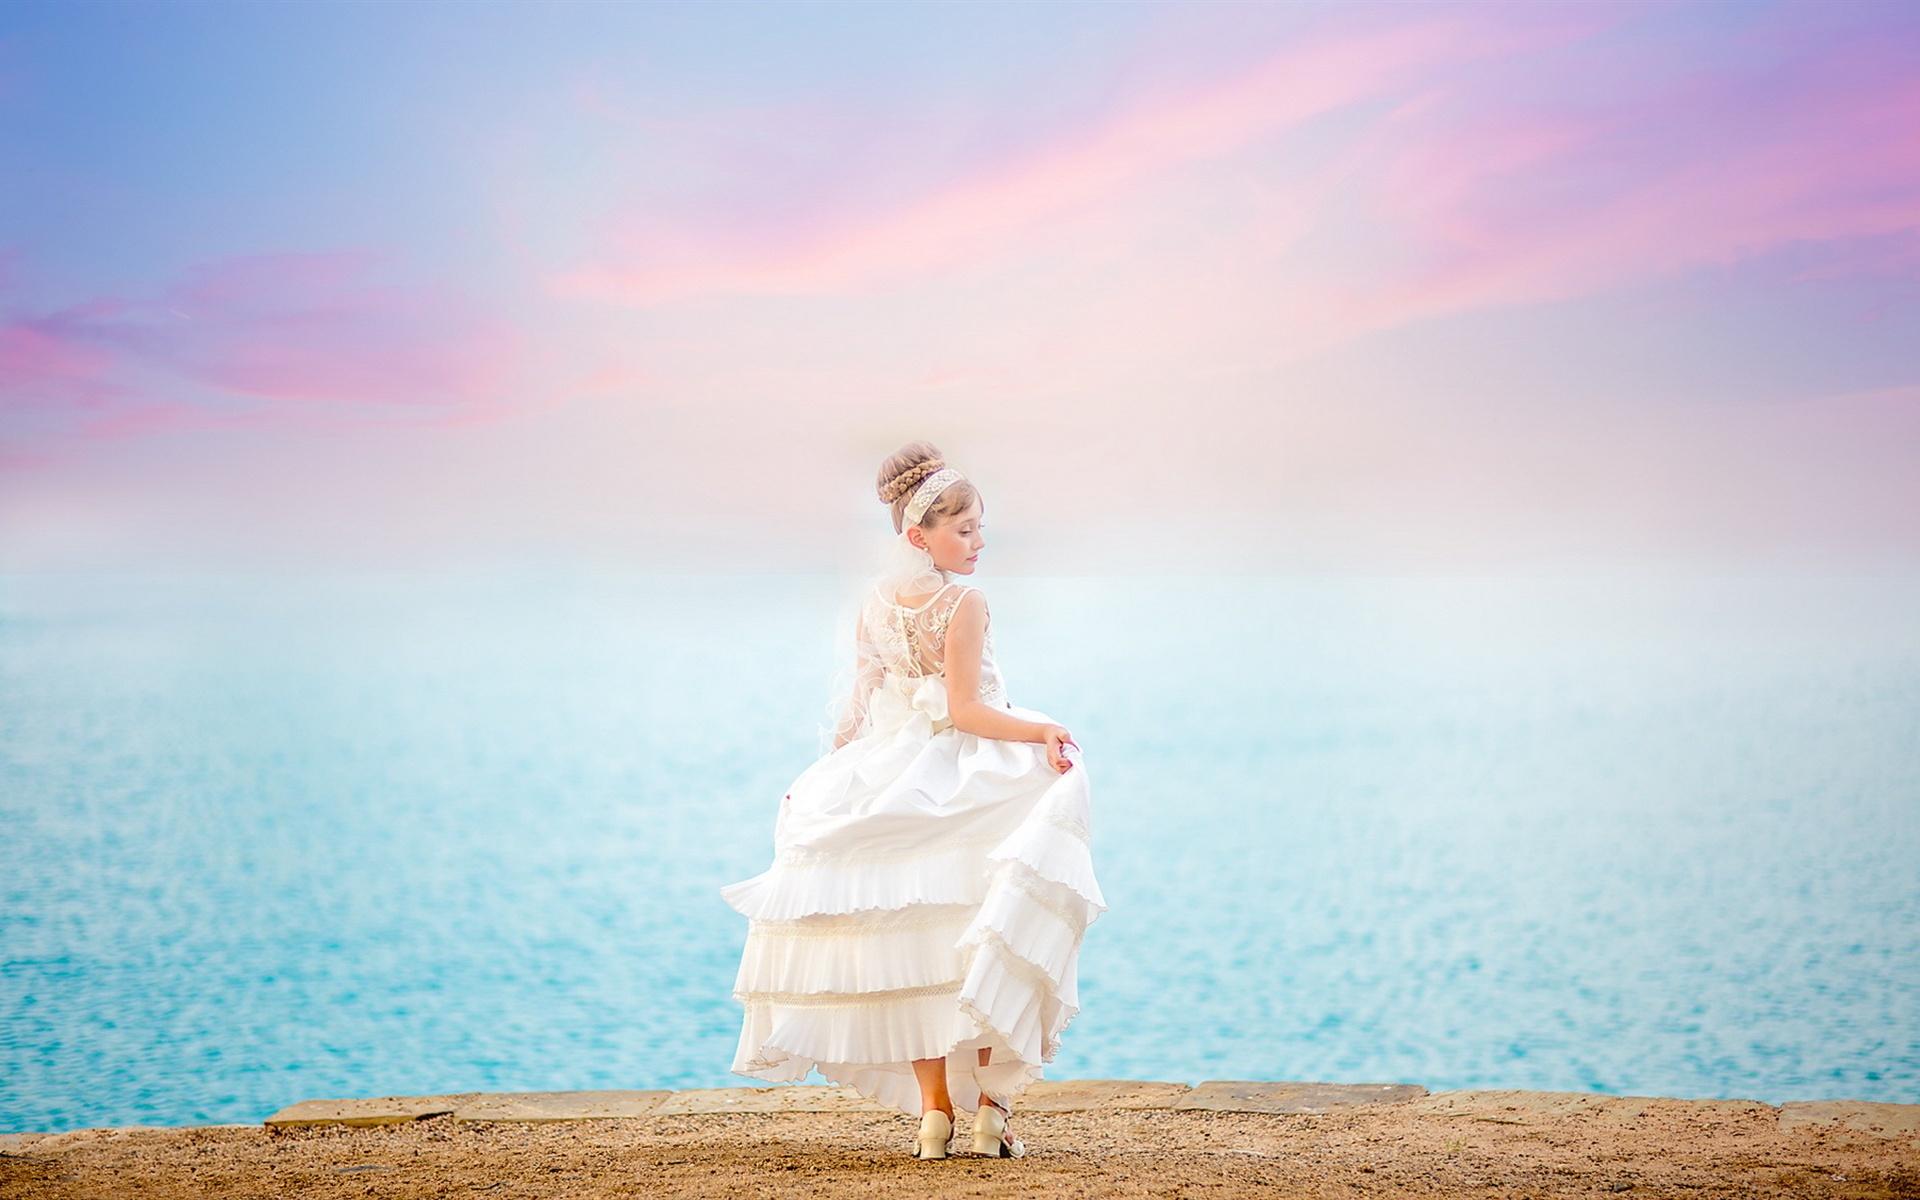 壁紙 花嫁 女の子 白いドレス バックビュー 海 1920x1200 Hd 無料